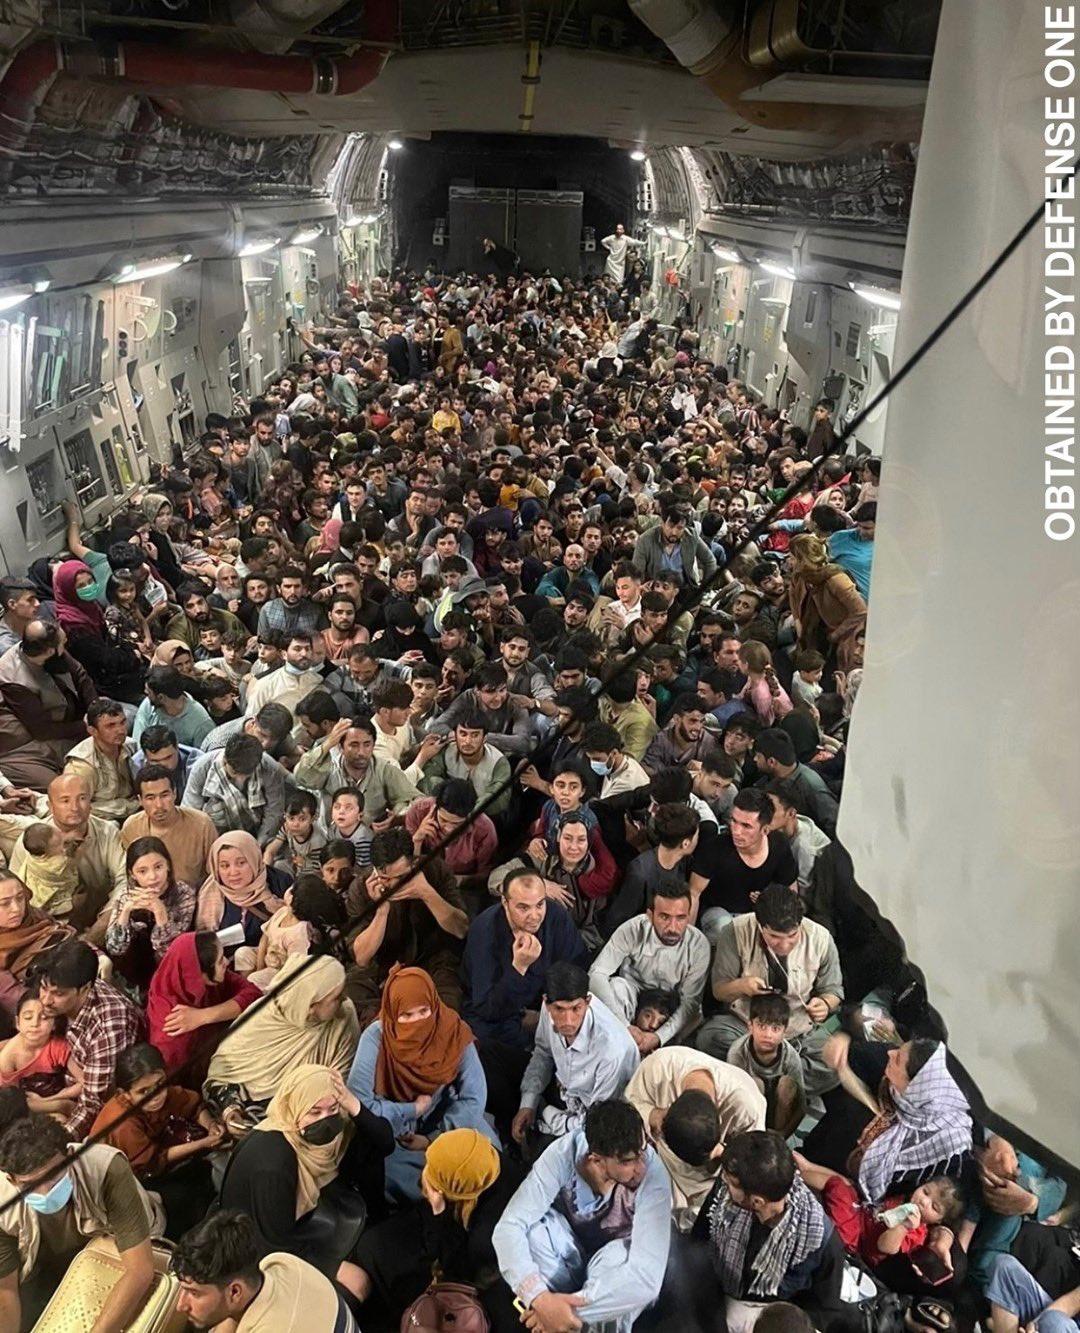 People fleeing Afghanistan